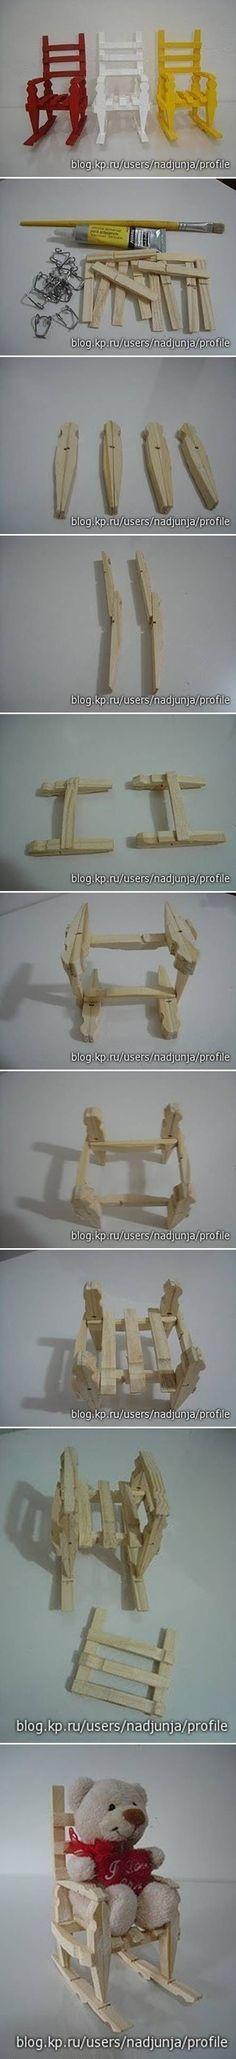 #DIY #crafts for #dolls Sillas barriguitas con pinzas de madera rotas